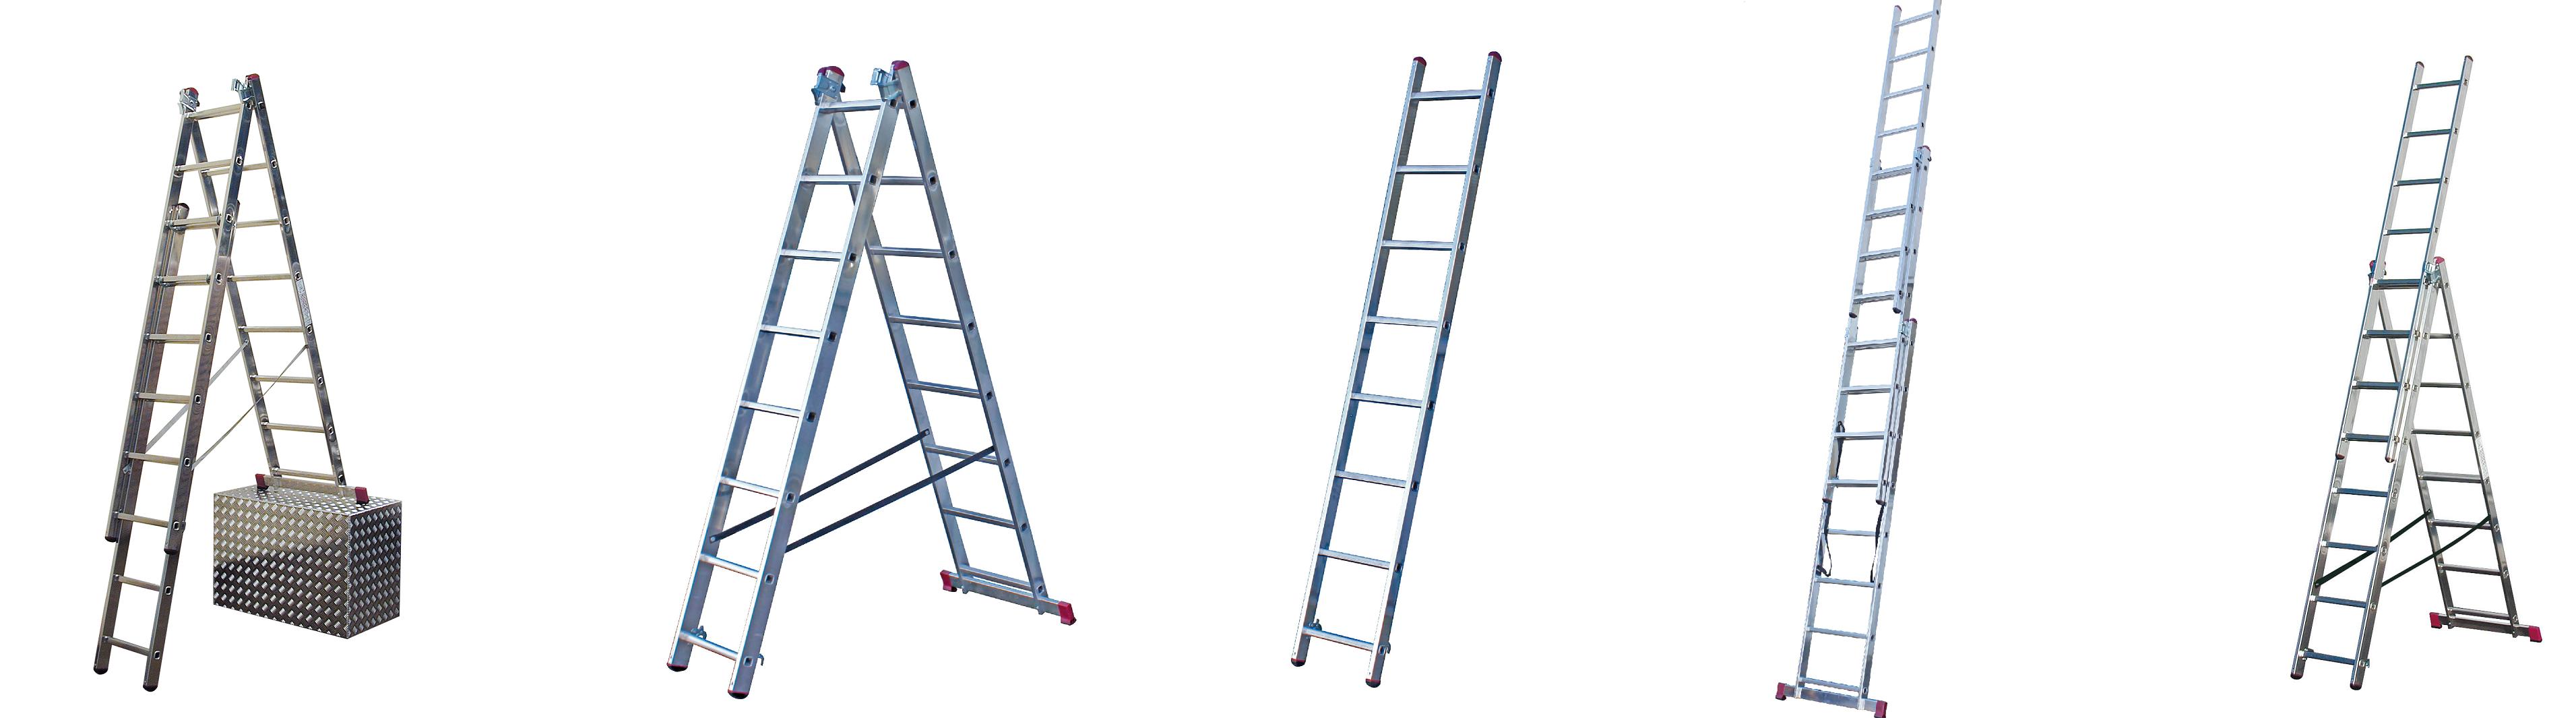 Професионална стълба различни варианти на използване